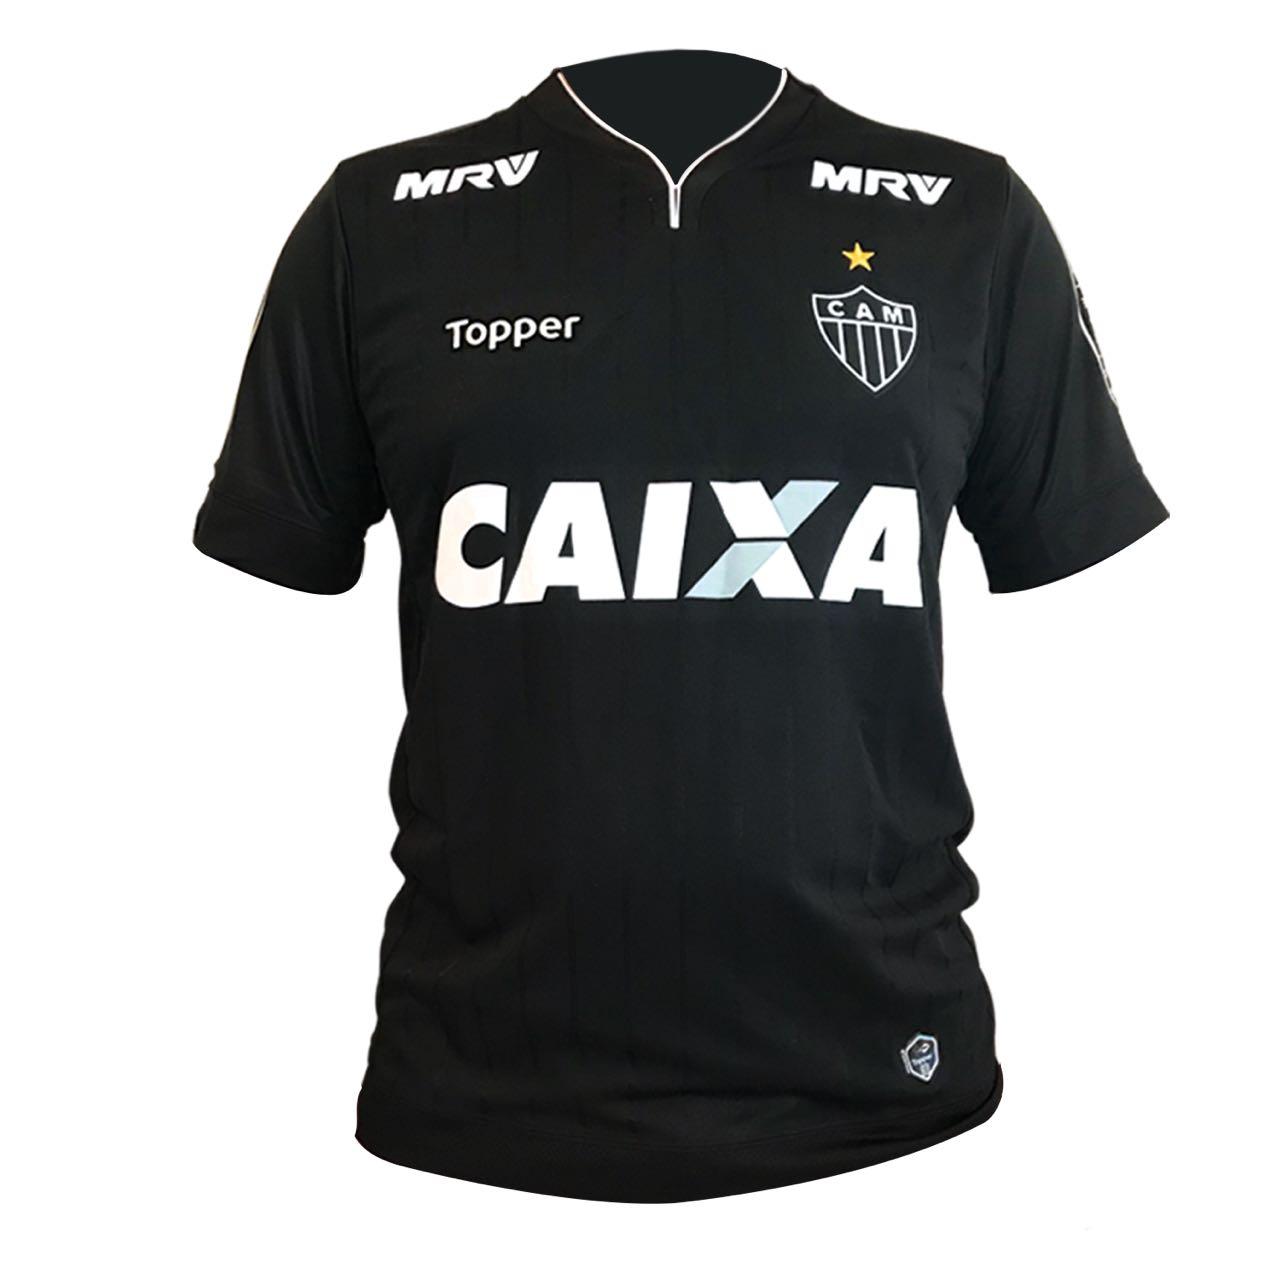 3afd4179a6 Atlético-MG lança terceira camisa toda preta - 20 11 2023 - UOL Esporte